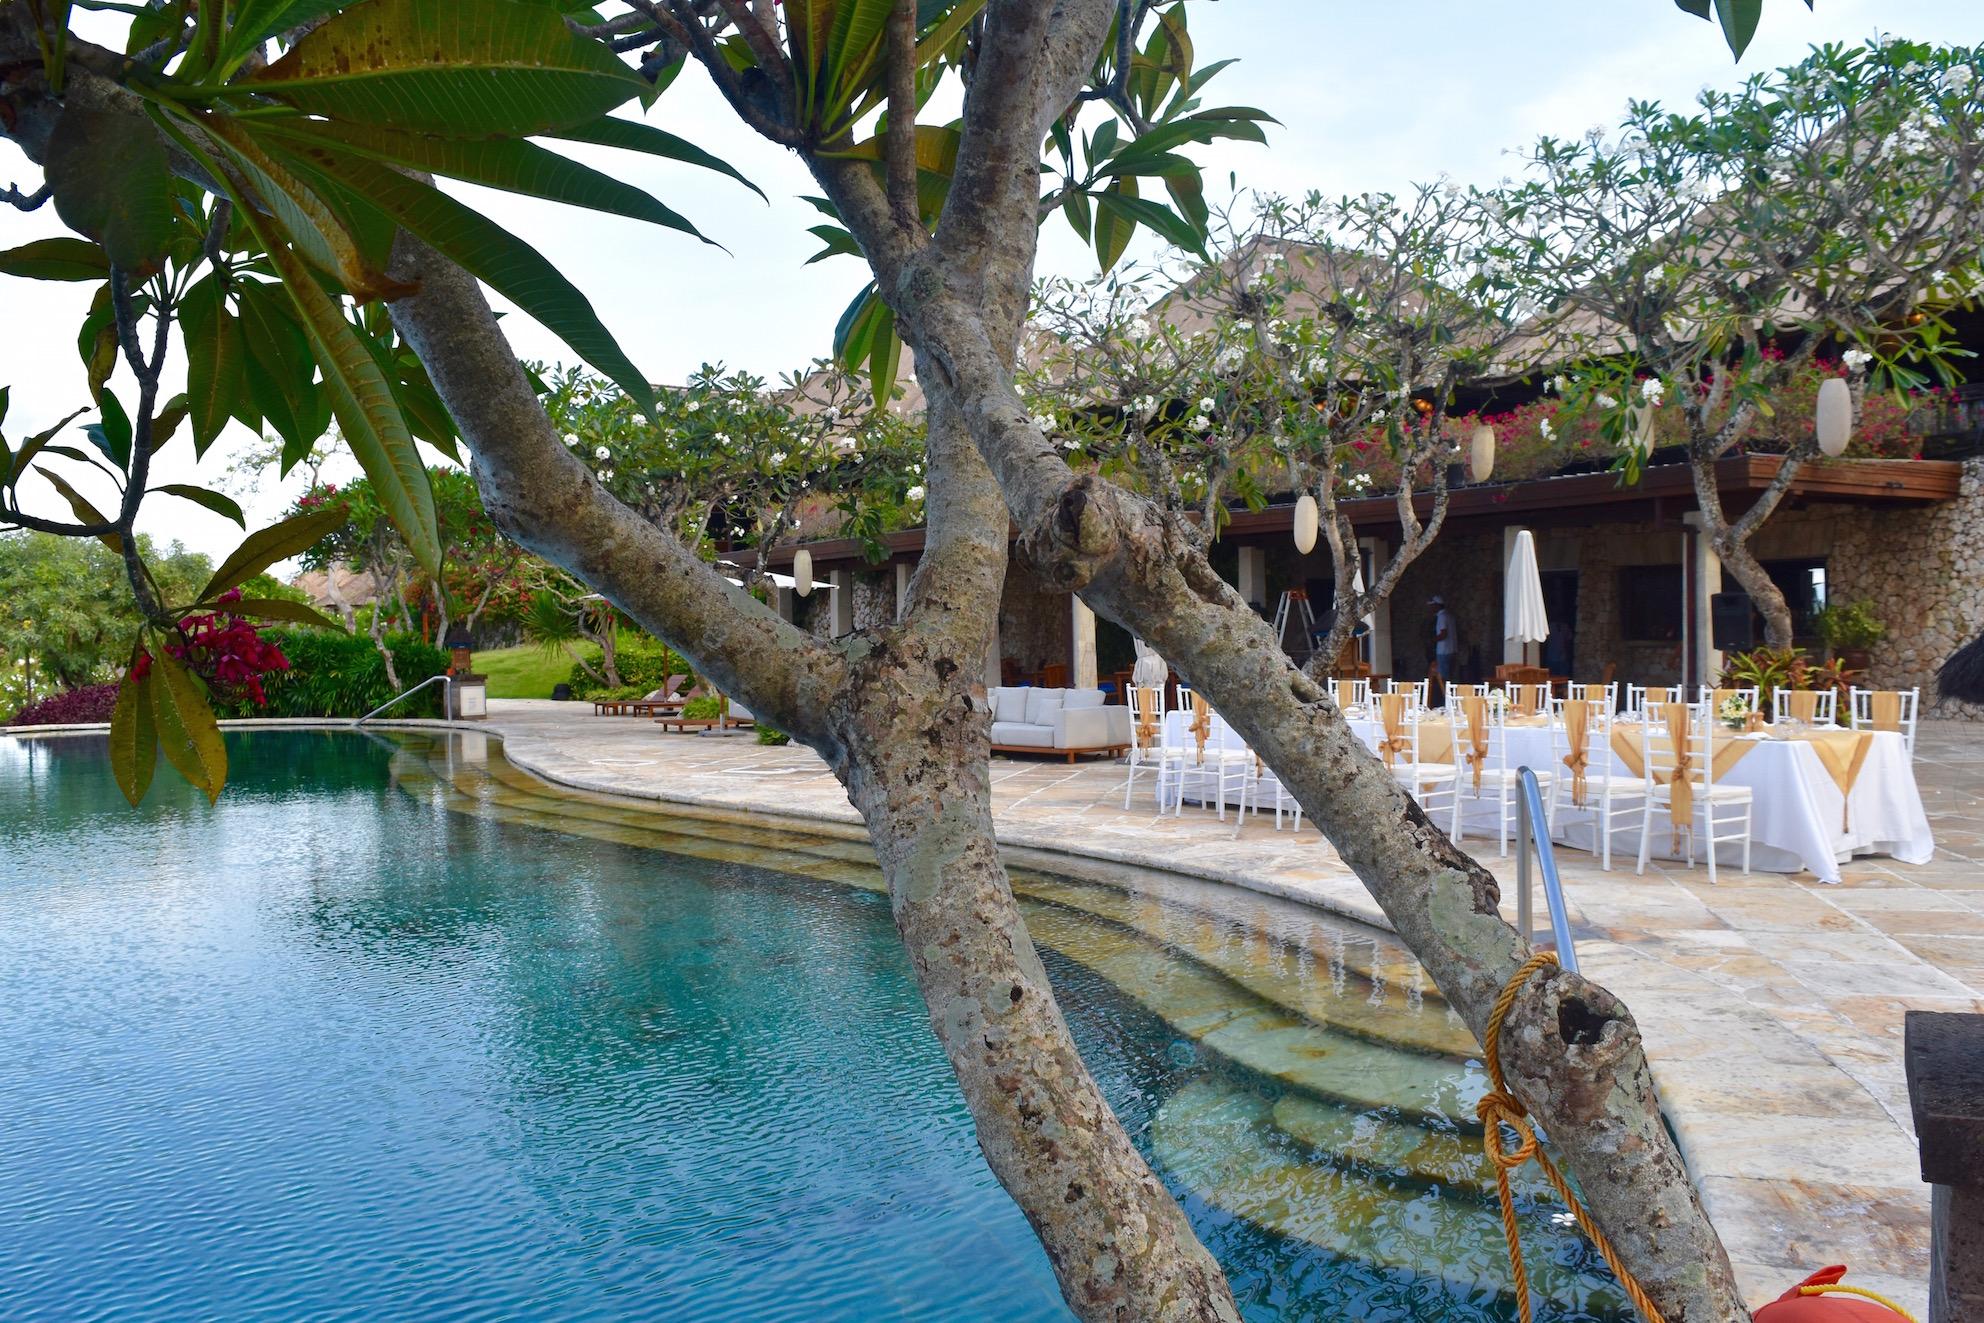 A Lovely Planet - Four Seasons Resort Bali at Jimbaran Bay